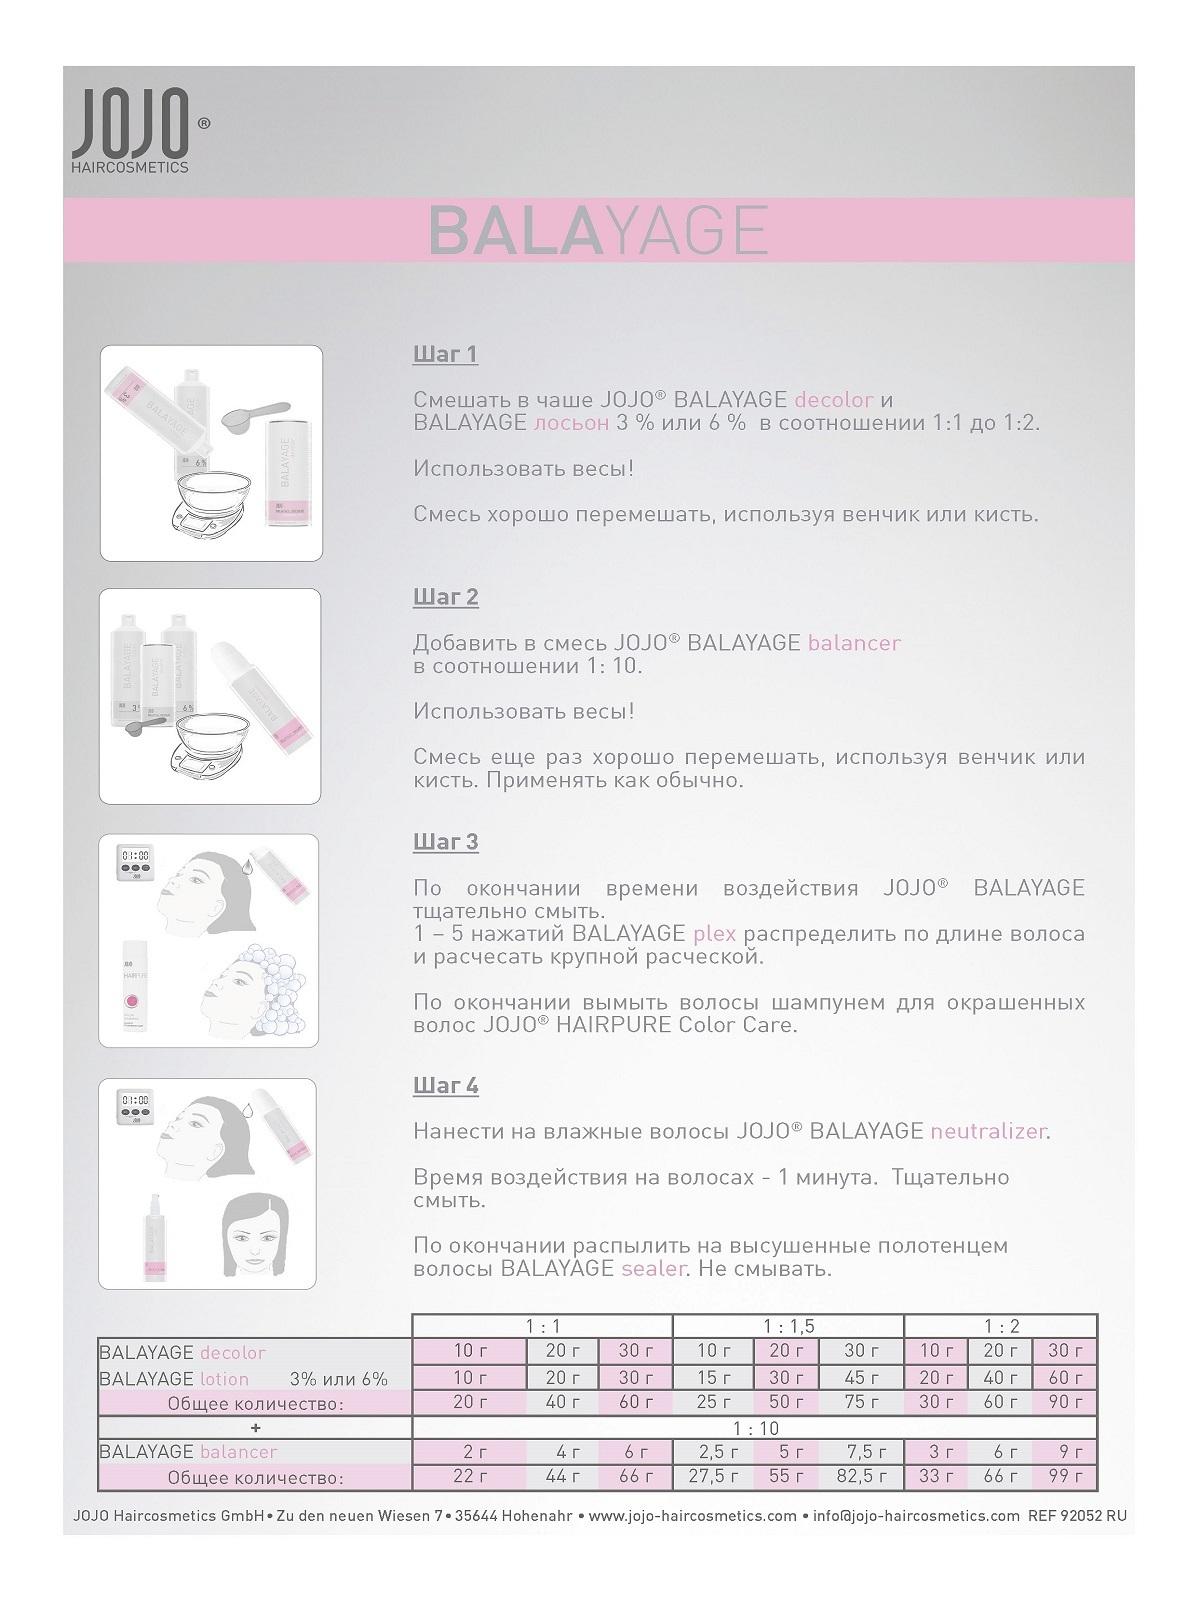 Оксидант, Balayage Lotion 3%